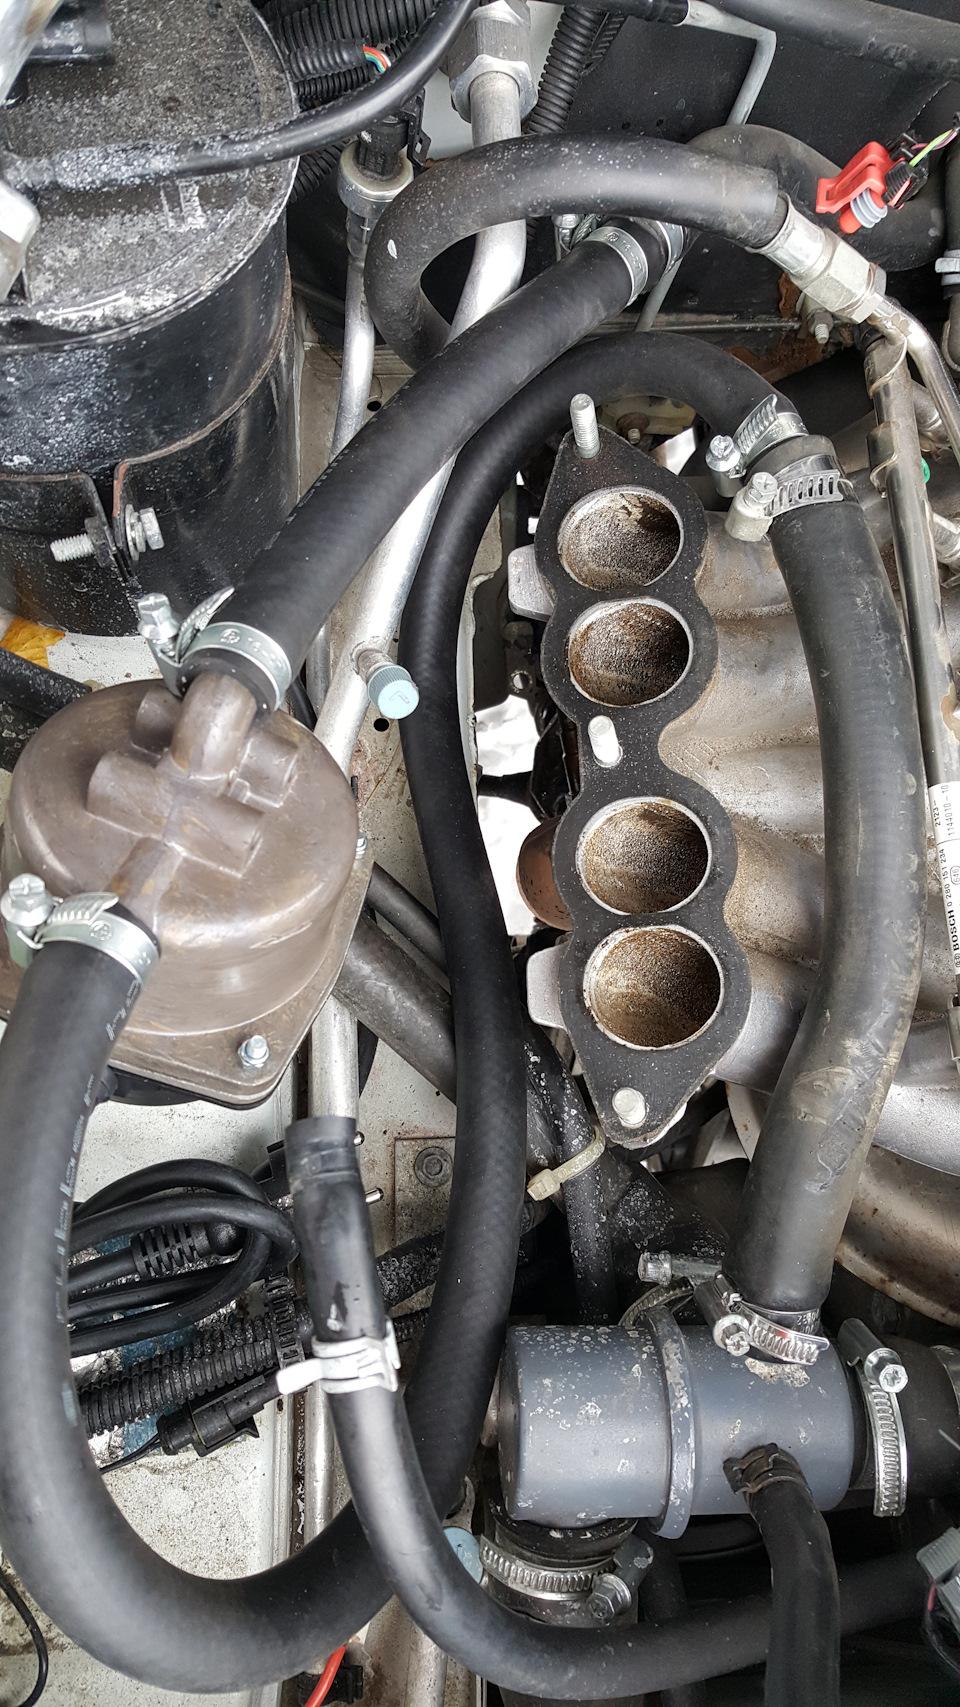 1a10625s 960 - Установка подогревателя с помпой на шевроле нива